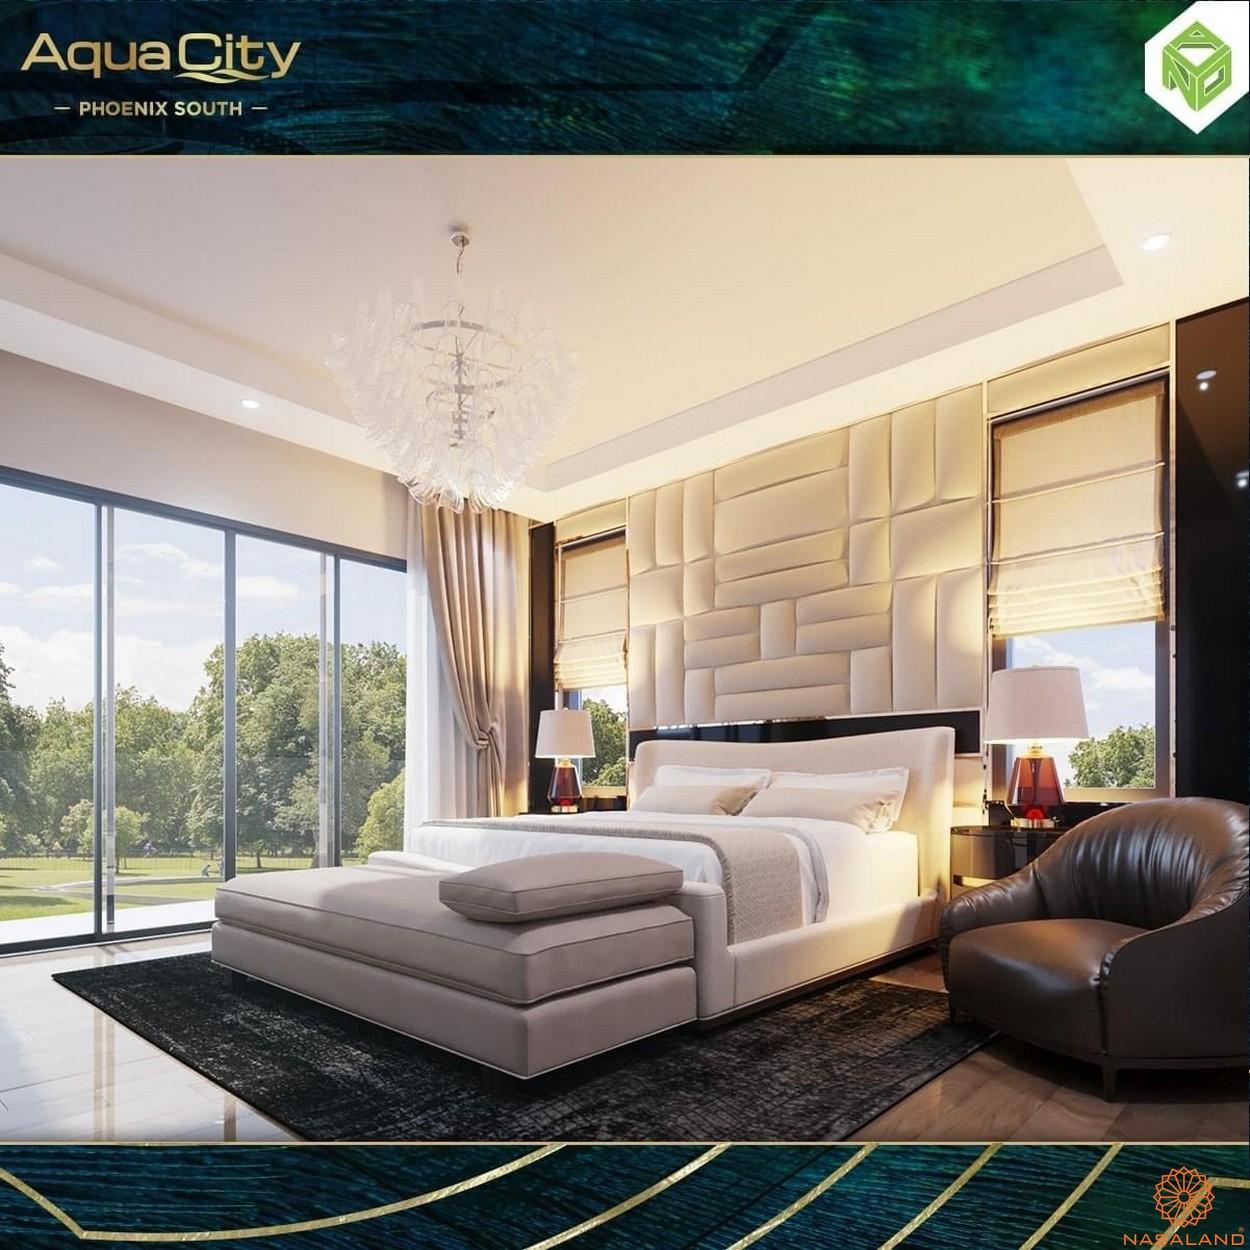 Nội thất dự án biệt thự Aqua City Đảo Phượng Hoàng Đồng Nai - phòng ngủ